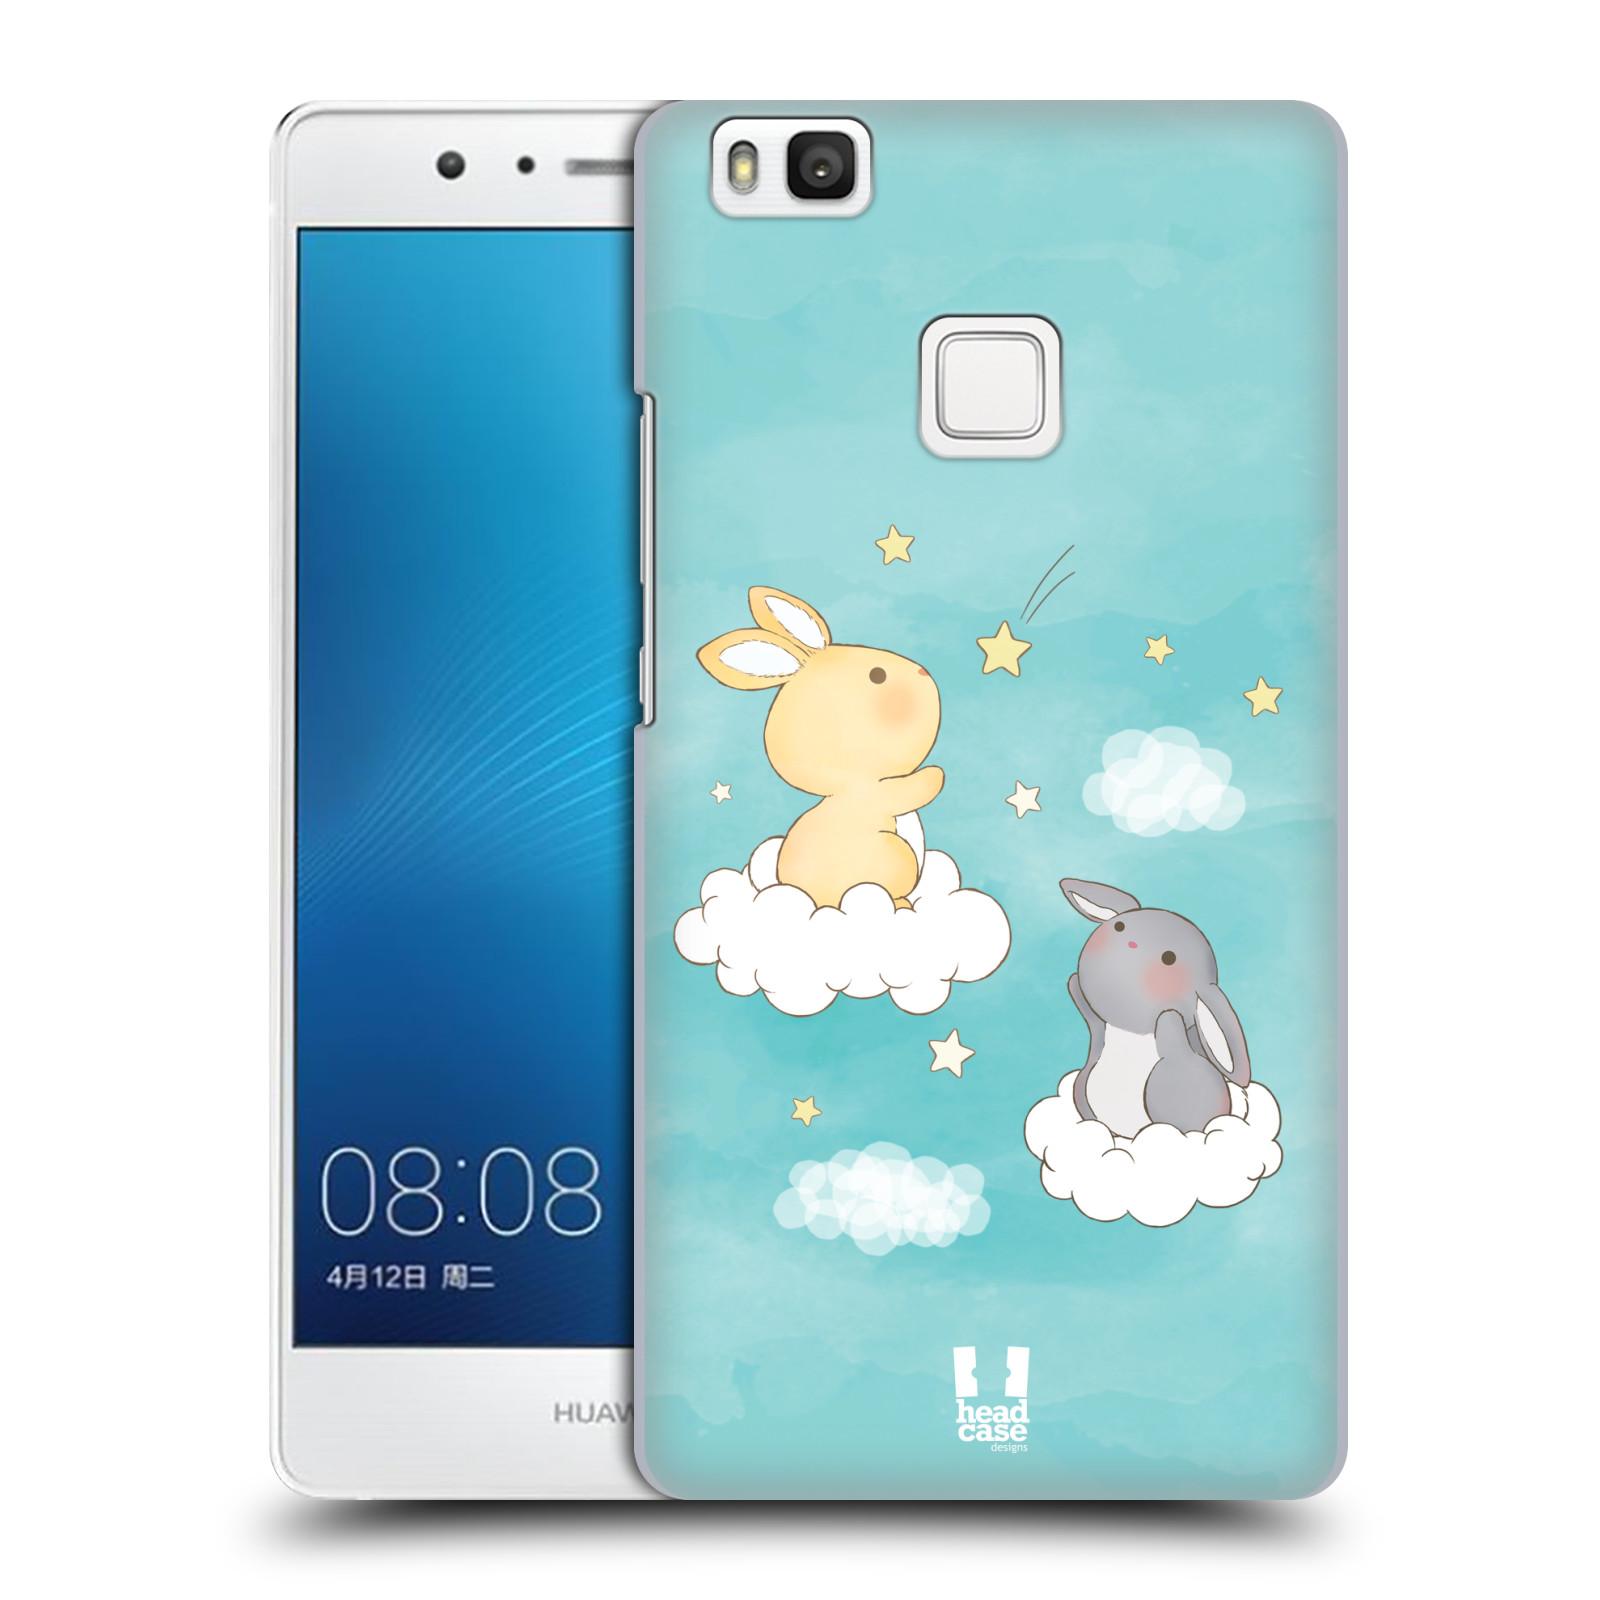 HEAD CASE plastový obal na mobil Huawei P9 LITE / P9 LITE DUAL SIM vzor králíček a hvězdy modrá